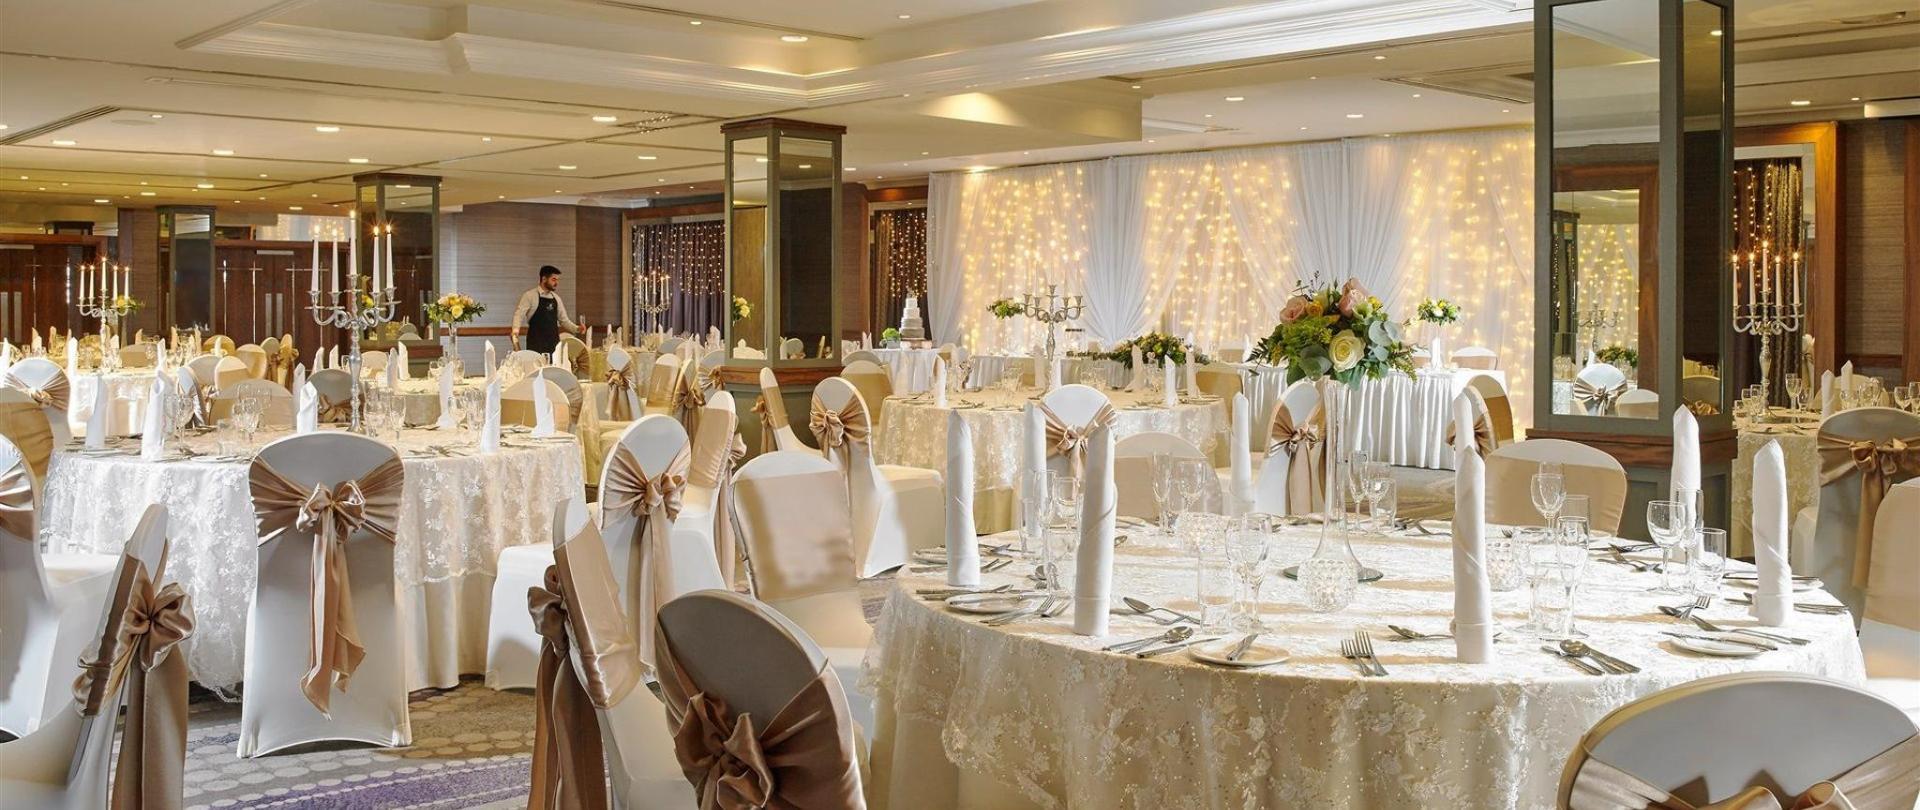 weddings-malone-lodge-hotel-wedding-reception-01.jpg